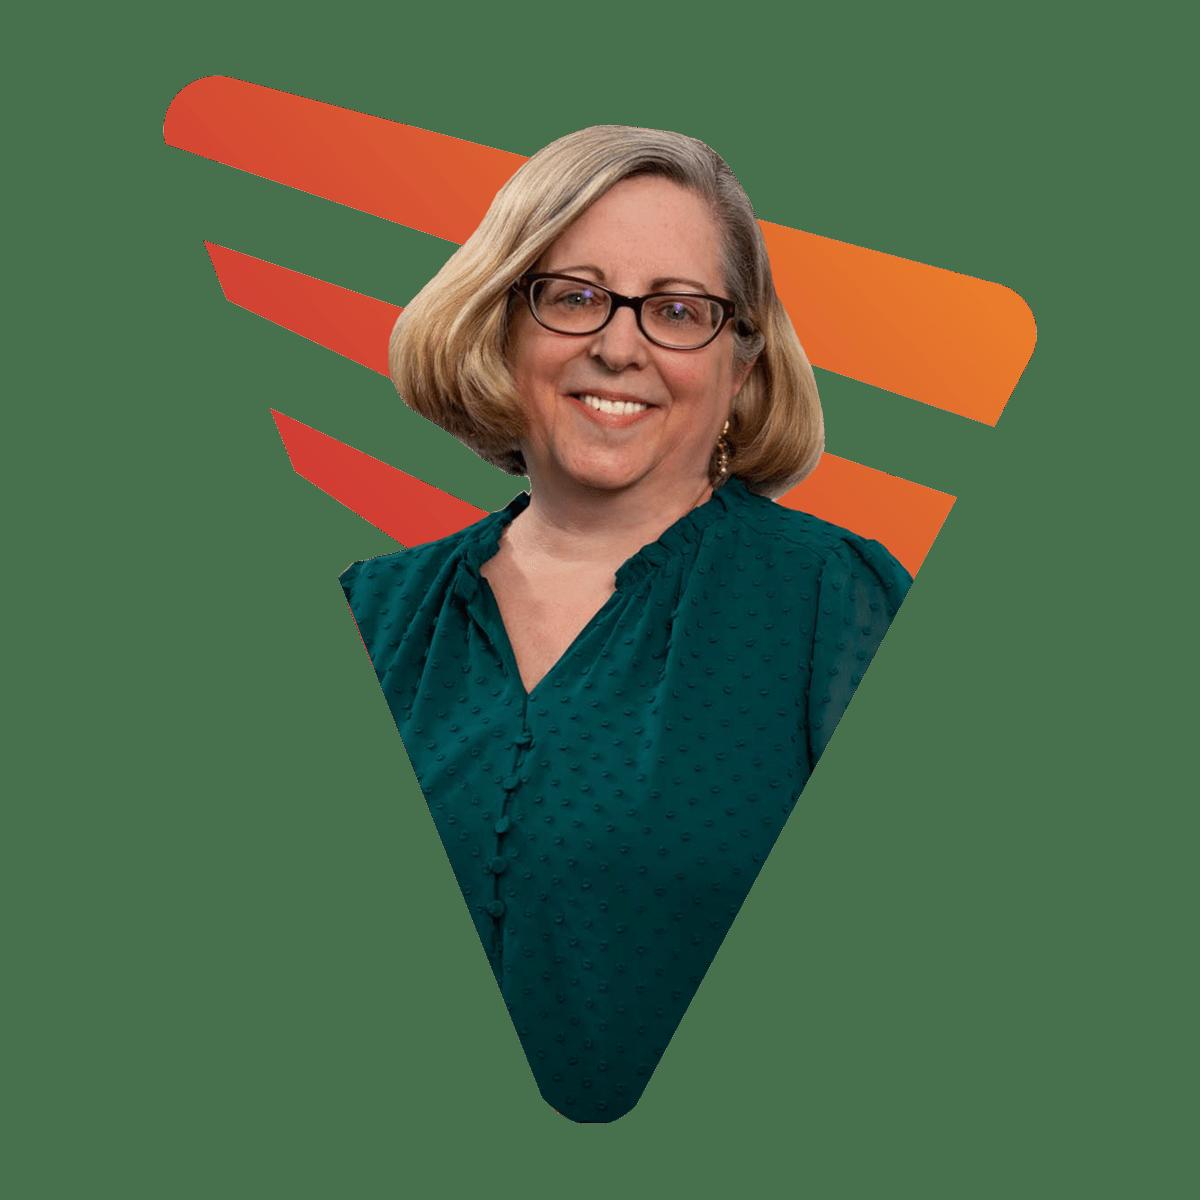 Carole Reinert